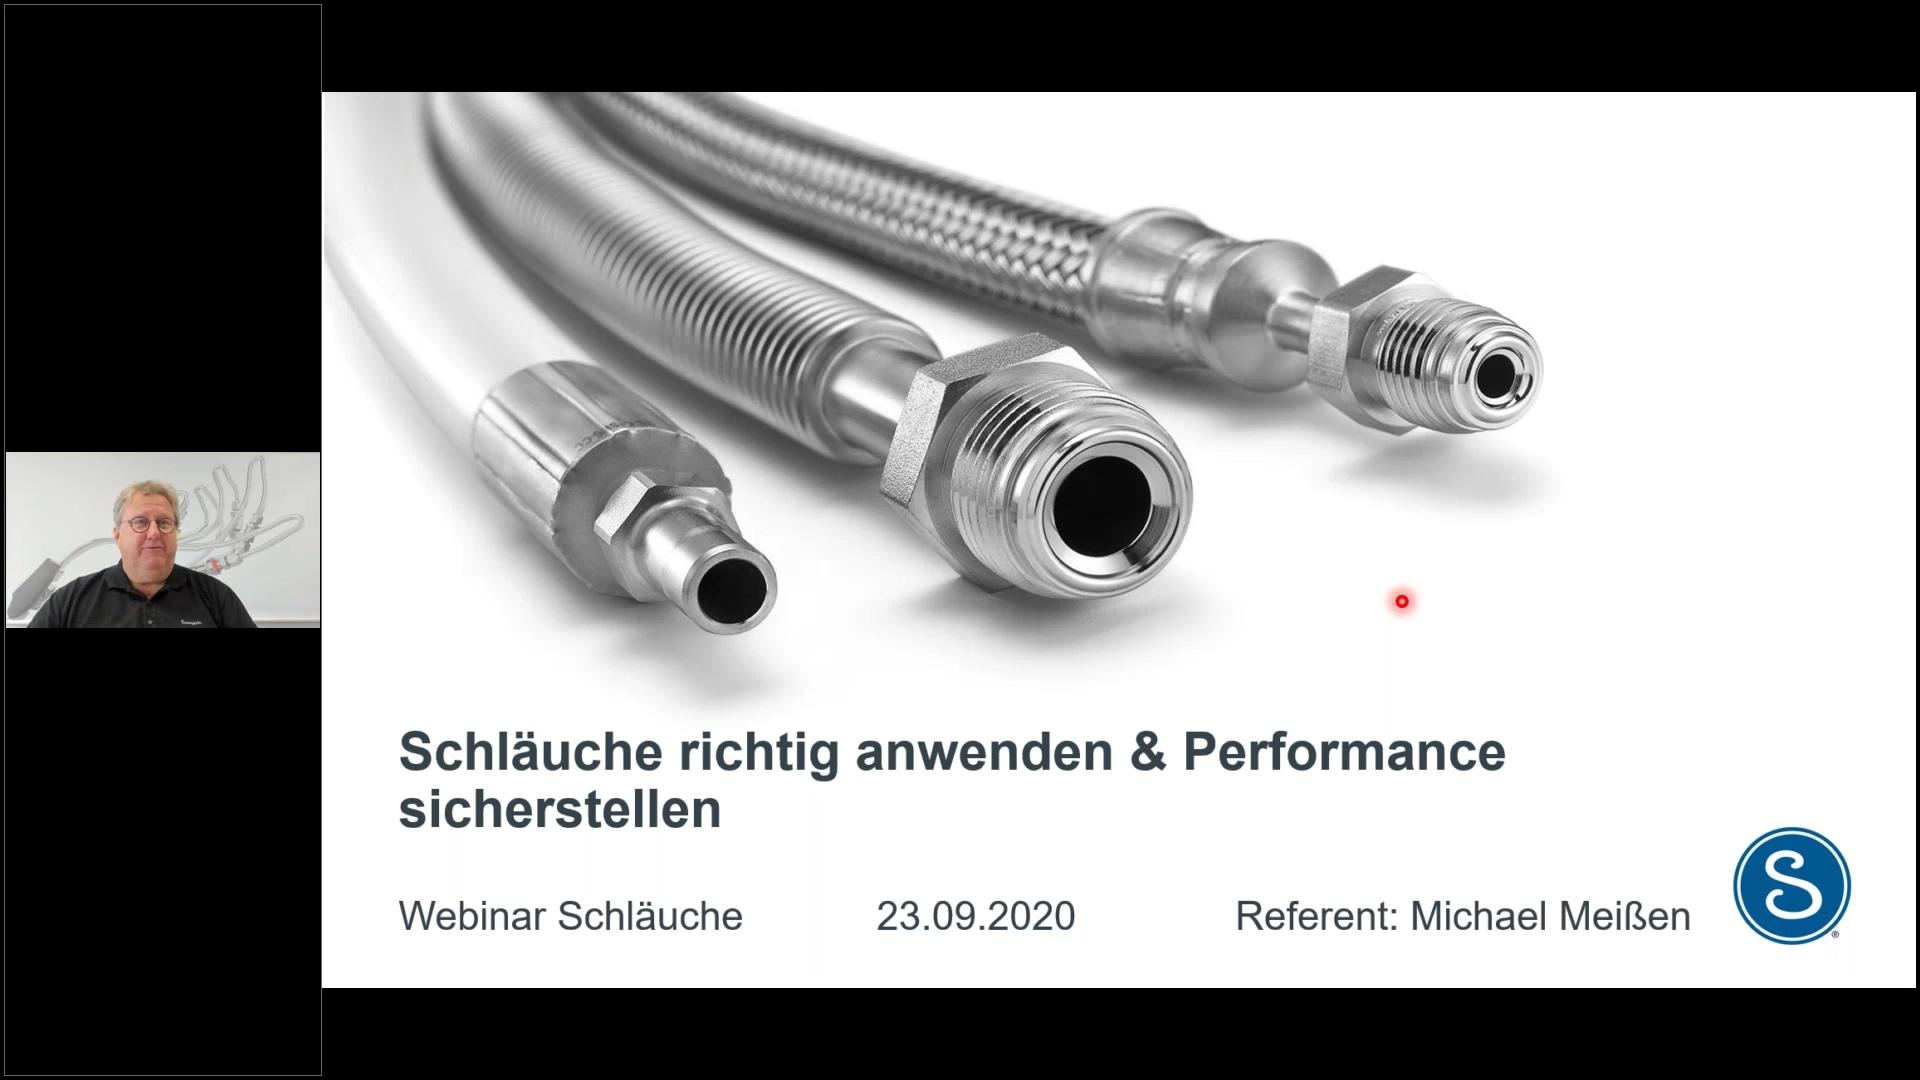 Schlauchsicherheit_ richtige Anwendungen & zuverlässige Performance_230920-thumb-2